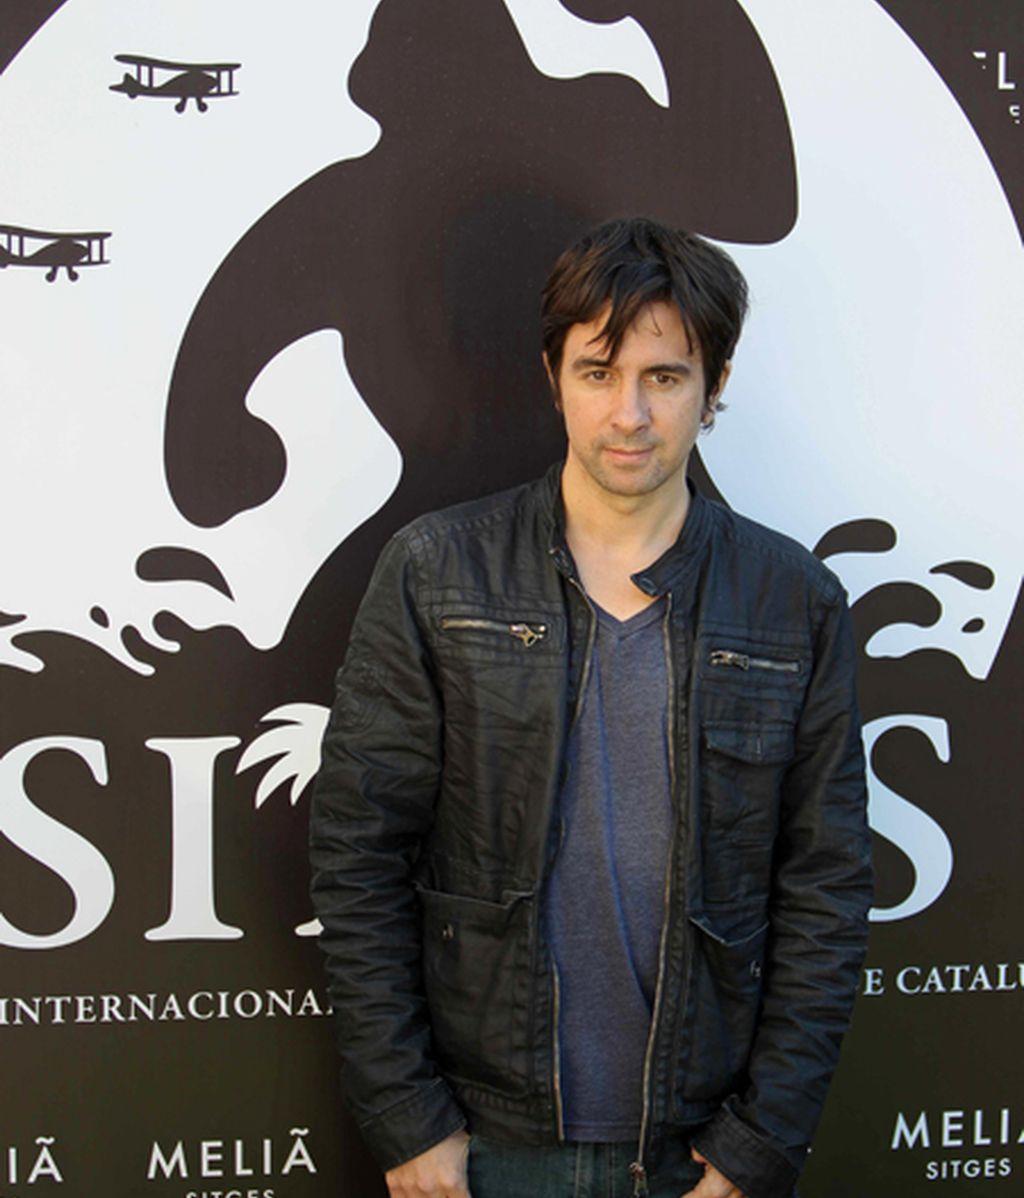 'Verbo' aterriza en Sitges con Miguel Ángel Silvestre